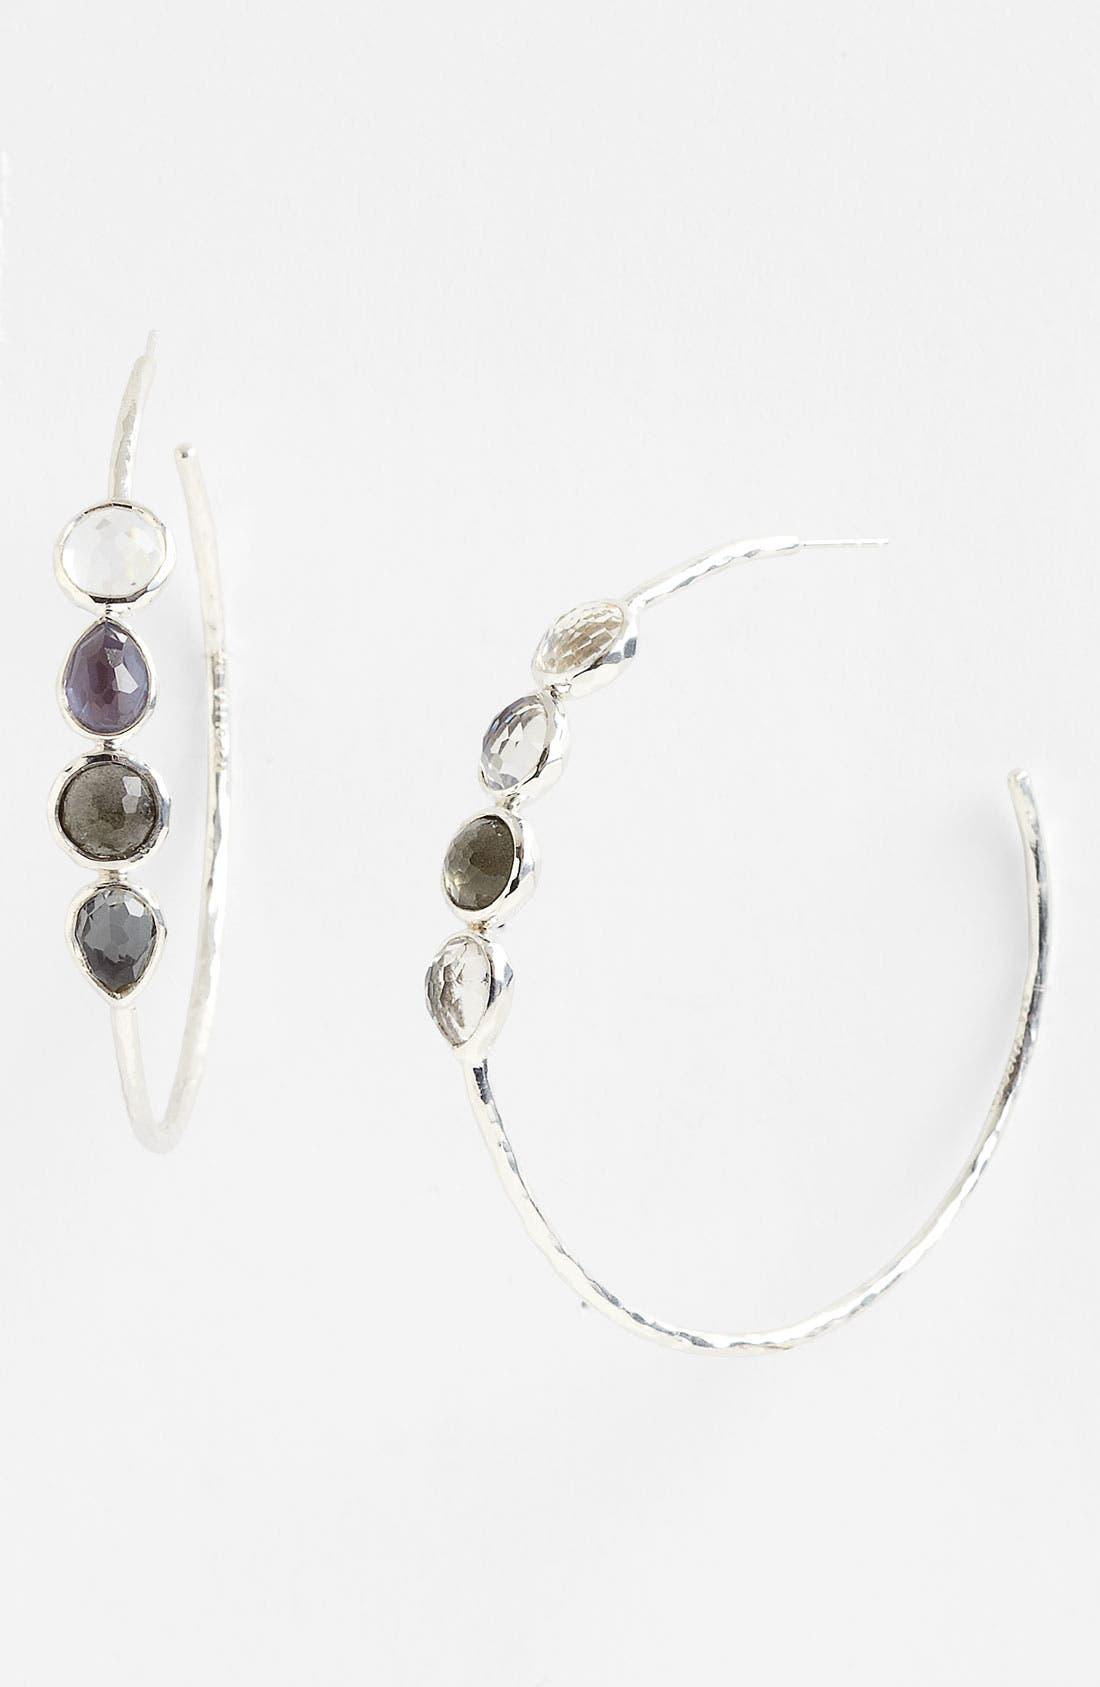 Alternate Image 1 Selected - Ippolita 4-Stone Hoop Earrings (Nordstrom Exclusive)